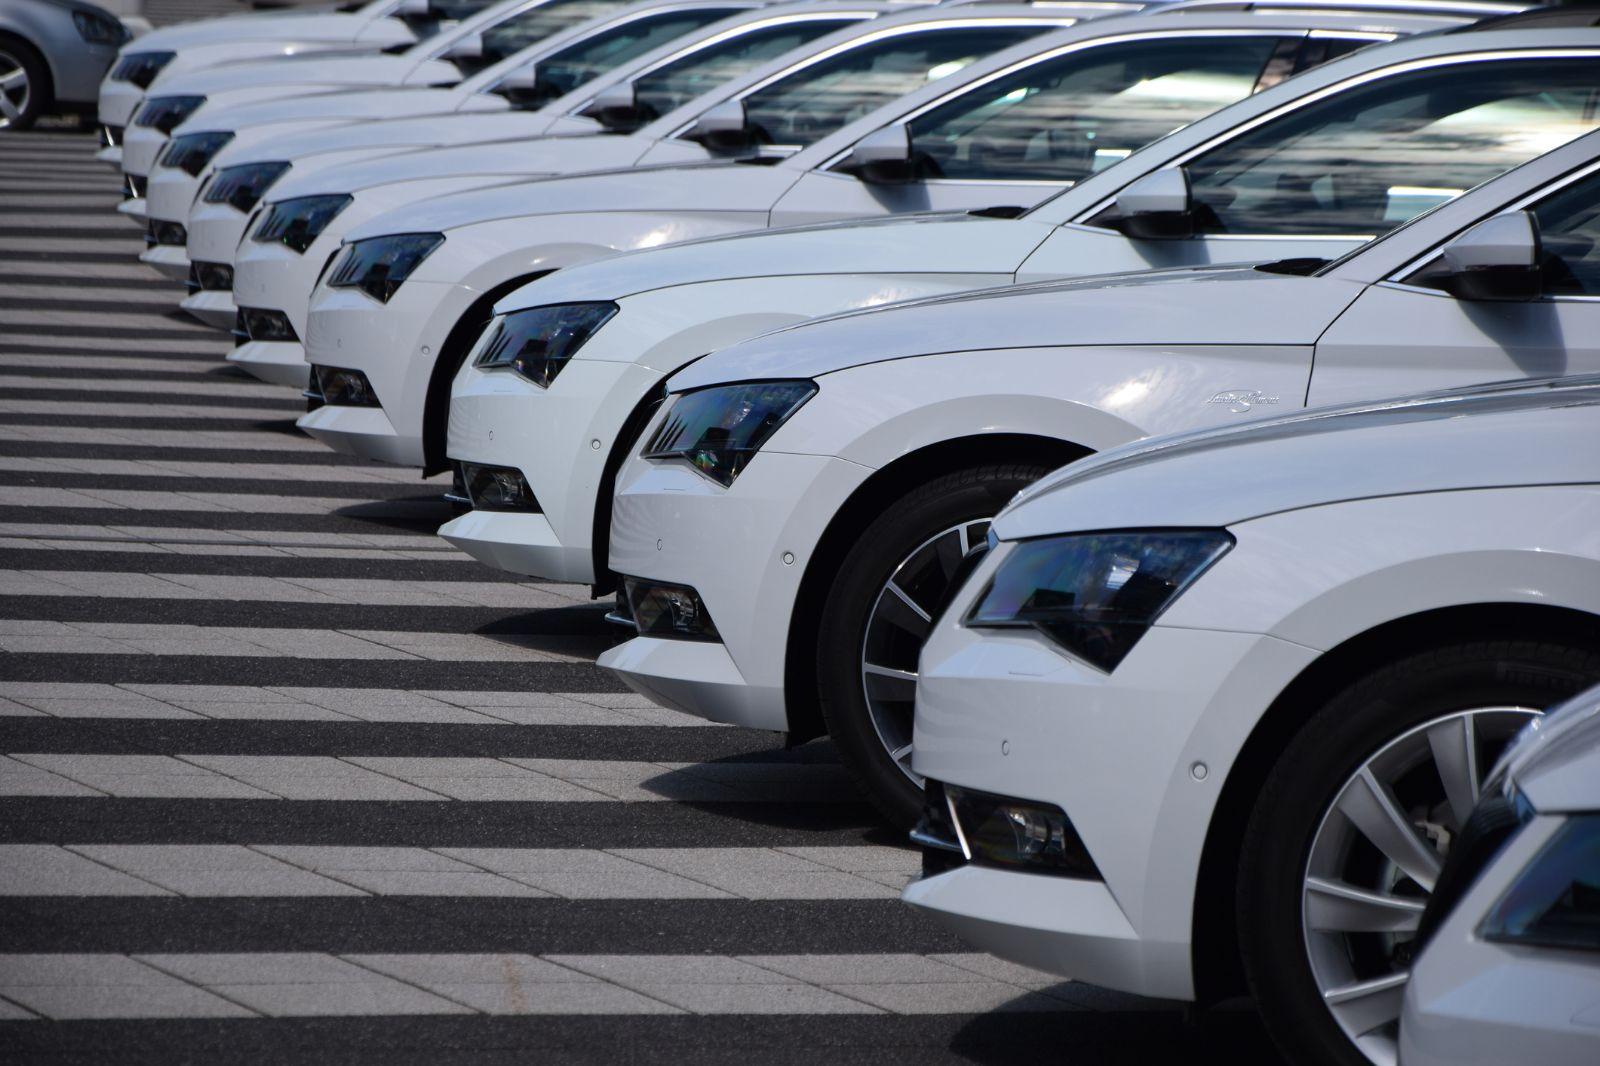 Koyu renkli araçlar daha çok yakıt tüketiyor!